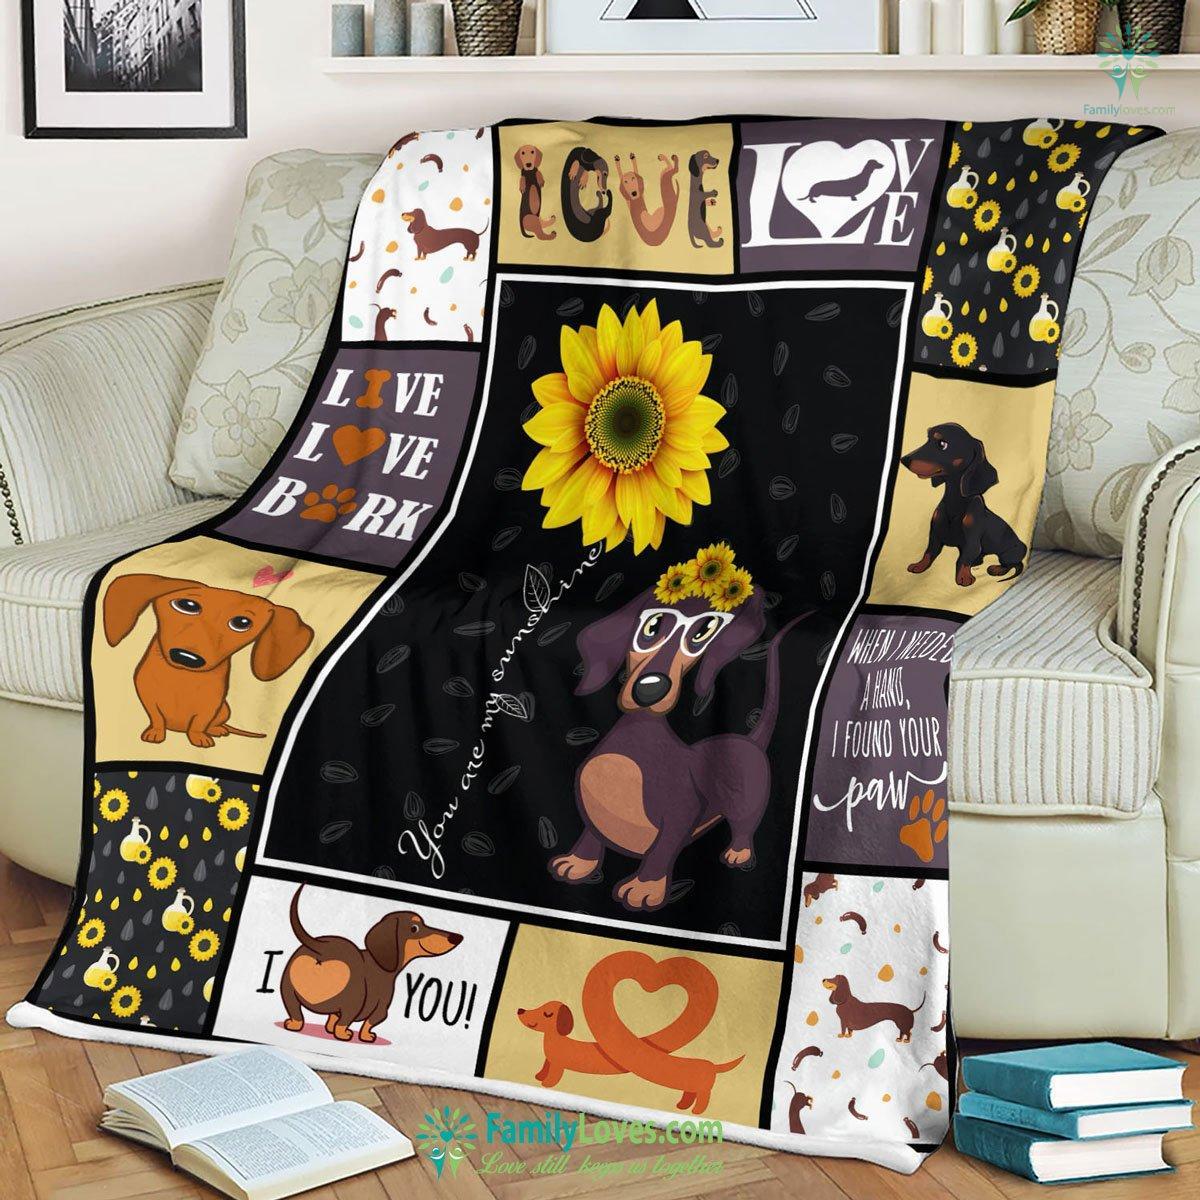 Dachshund Blanket 3 Familyloves.com